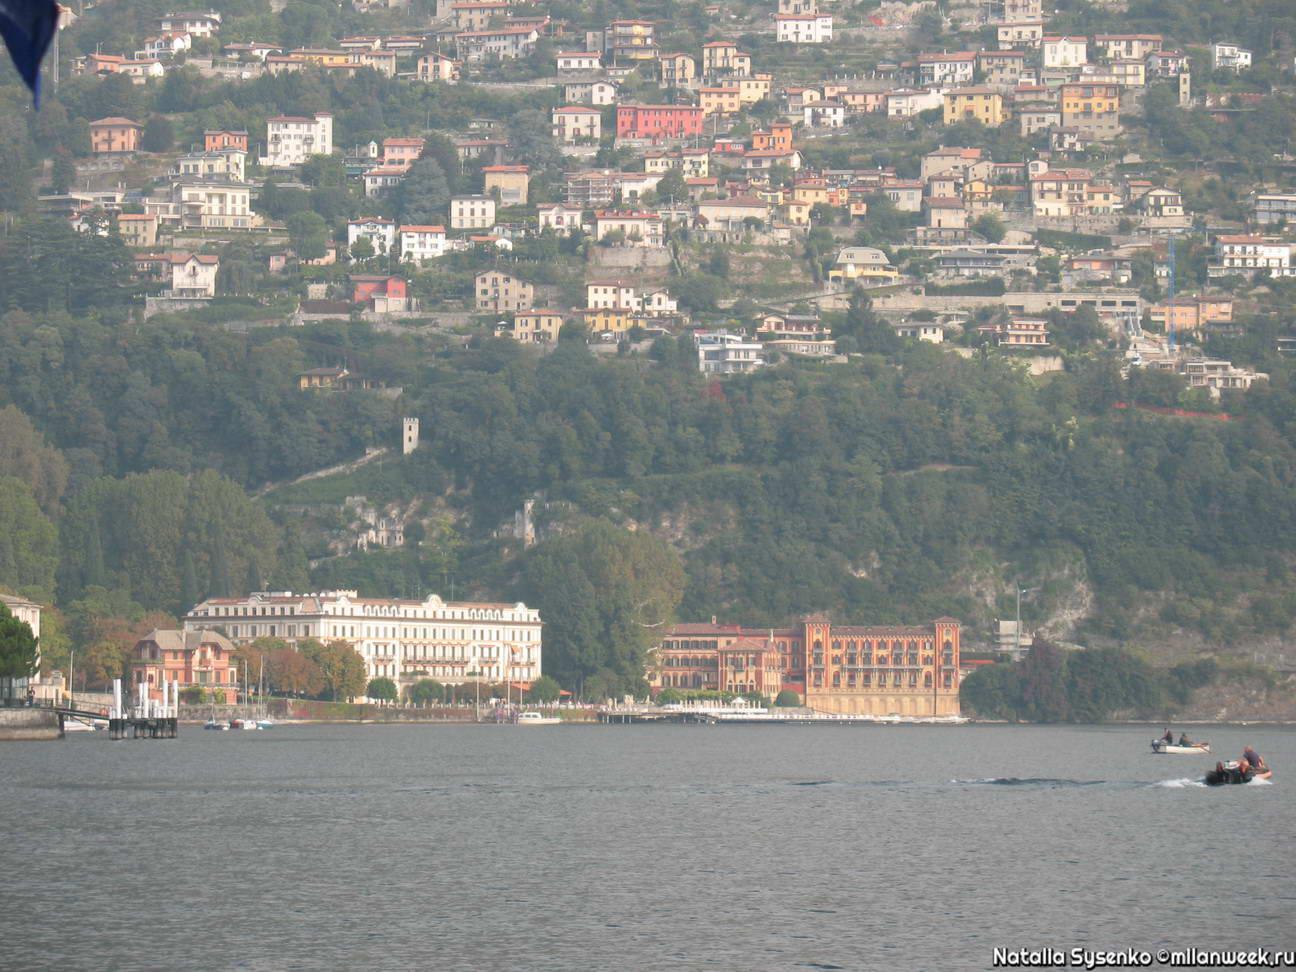 Photo 5 Cernobbio Villa dEste - Озеро Комо в мировом кинематографе. Часть 1